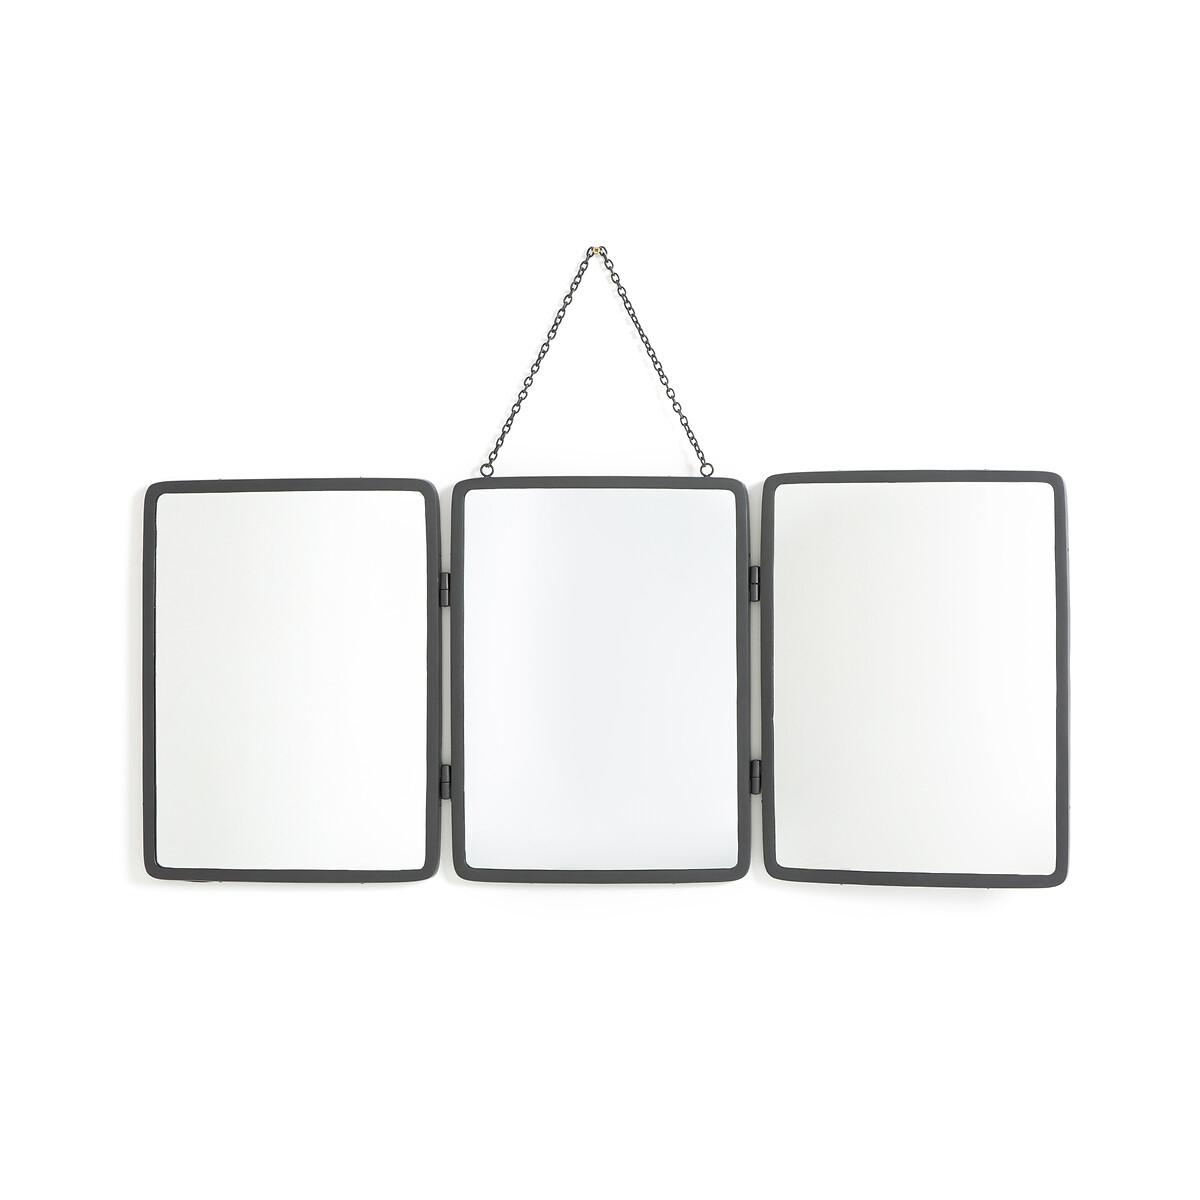 Зеркало La Redoute Большая модель Д1125 x В5125 см Barbier единый размер серый зеркало la redoute маленькая модель д x в см barbier единый размер другие